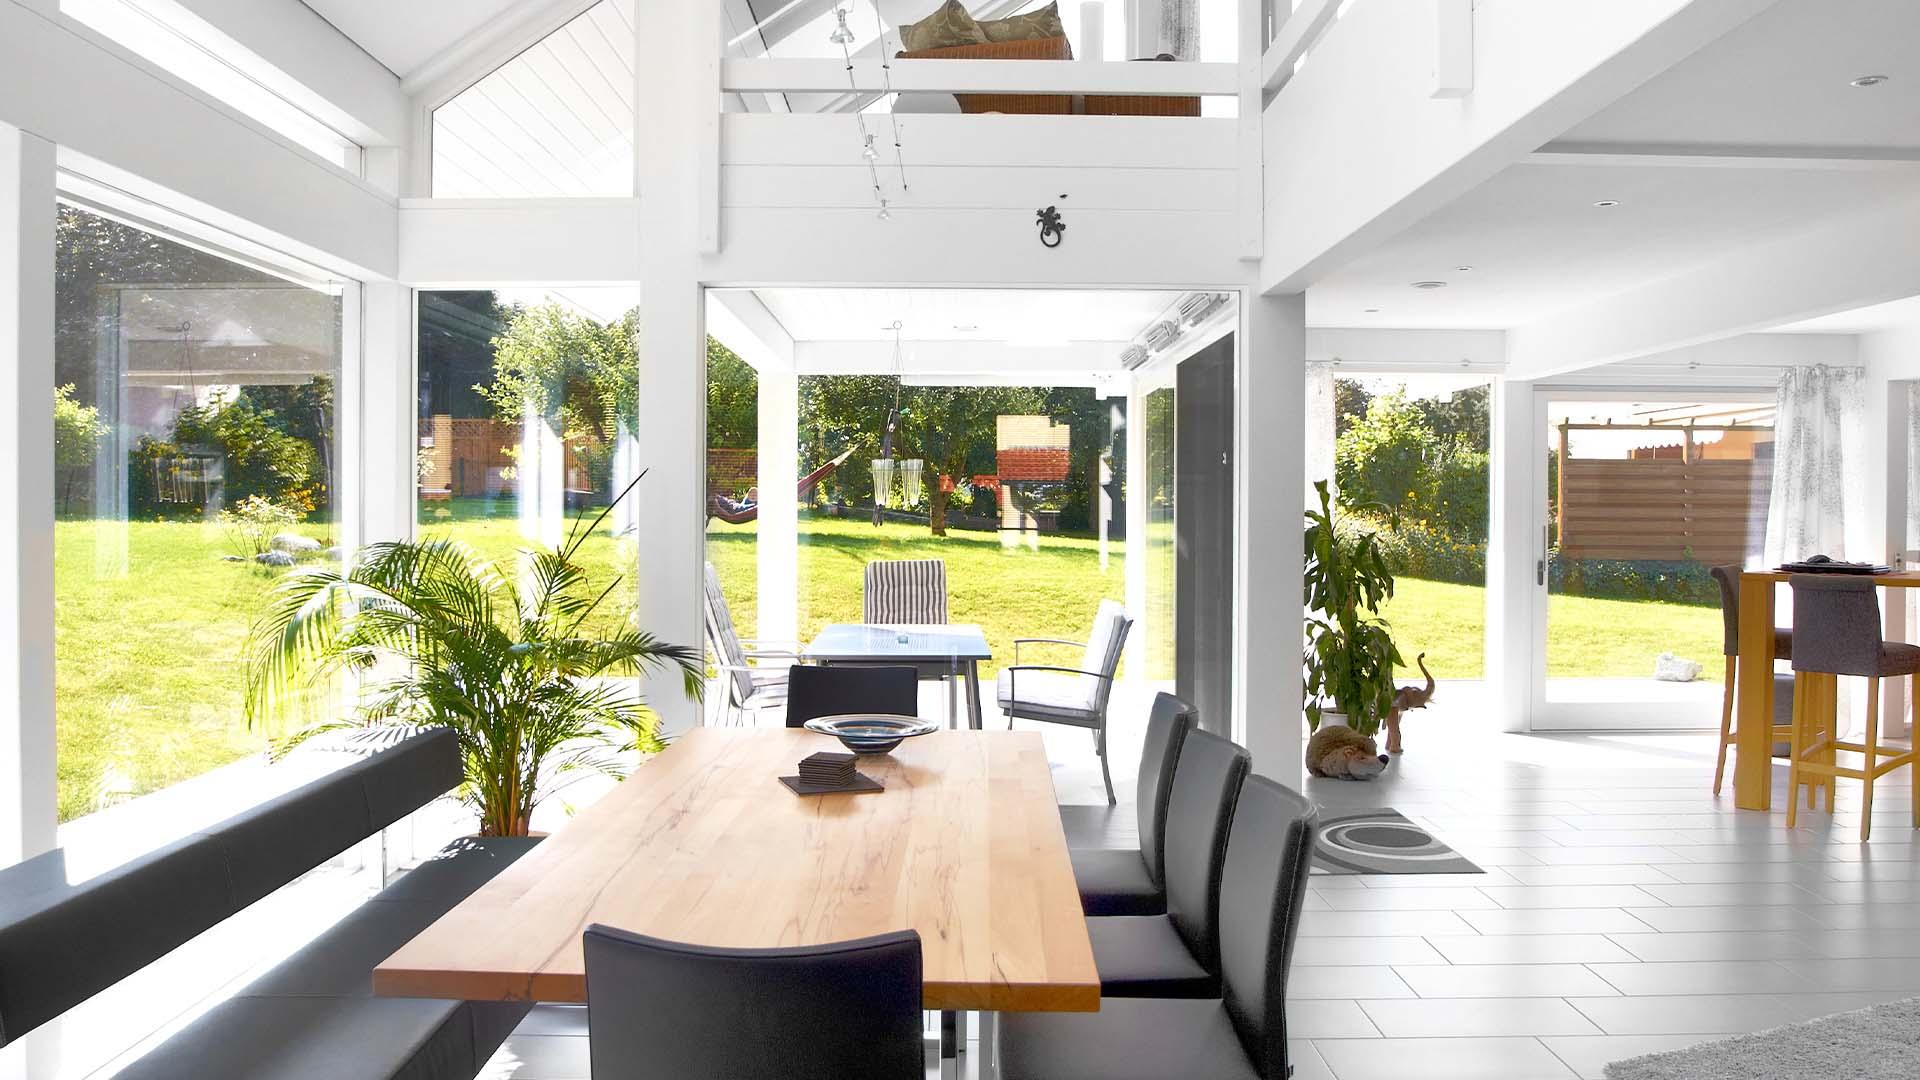 Modernes Fachwerkhaus | Wohnen im Tageslicht | Detmolder Fachwerkhaus